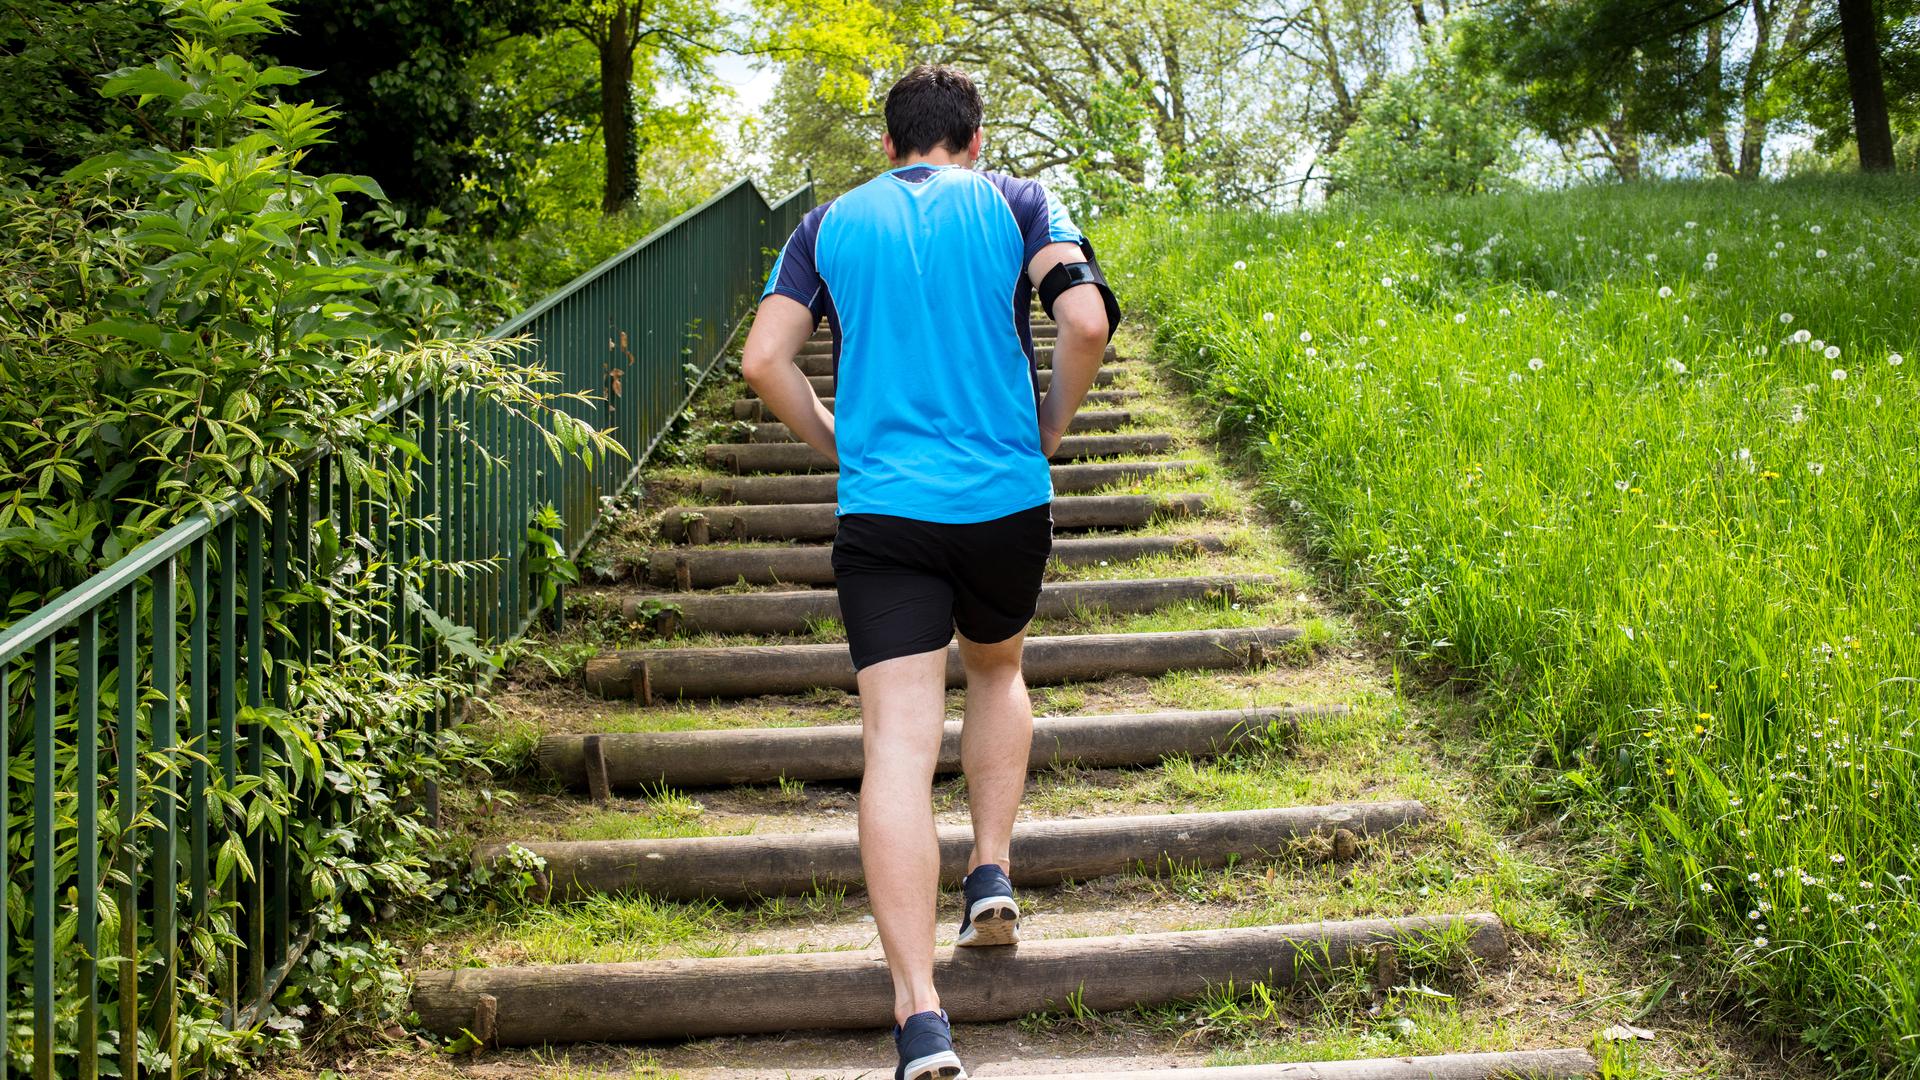 actividad fisica moderada